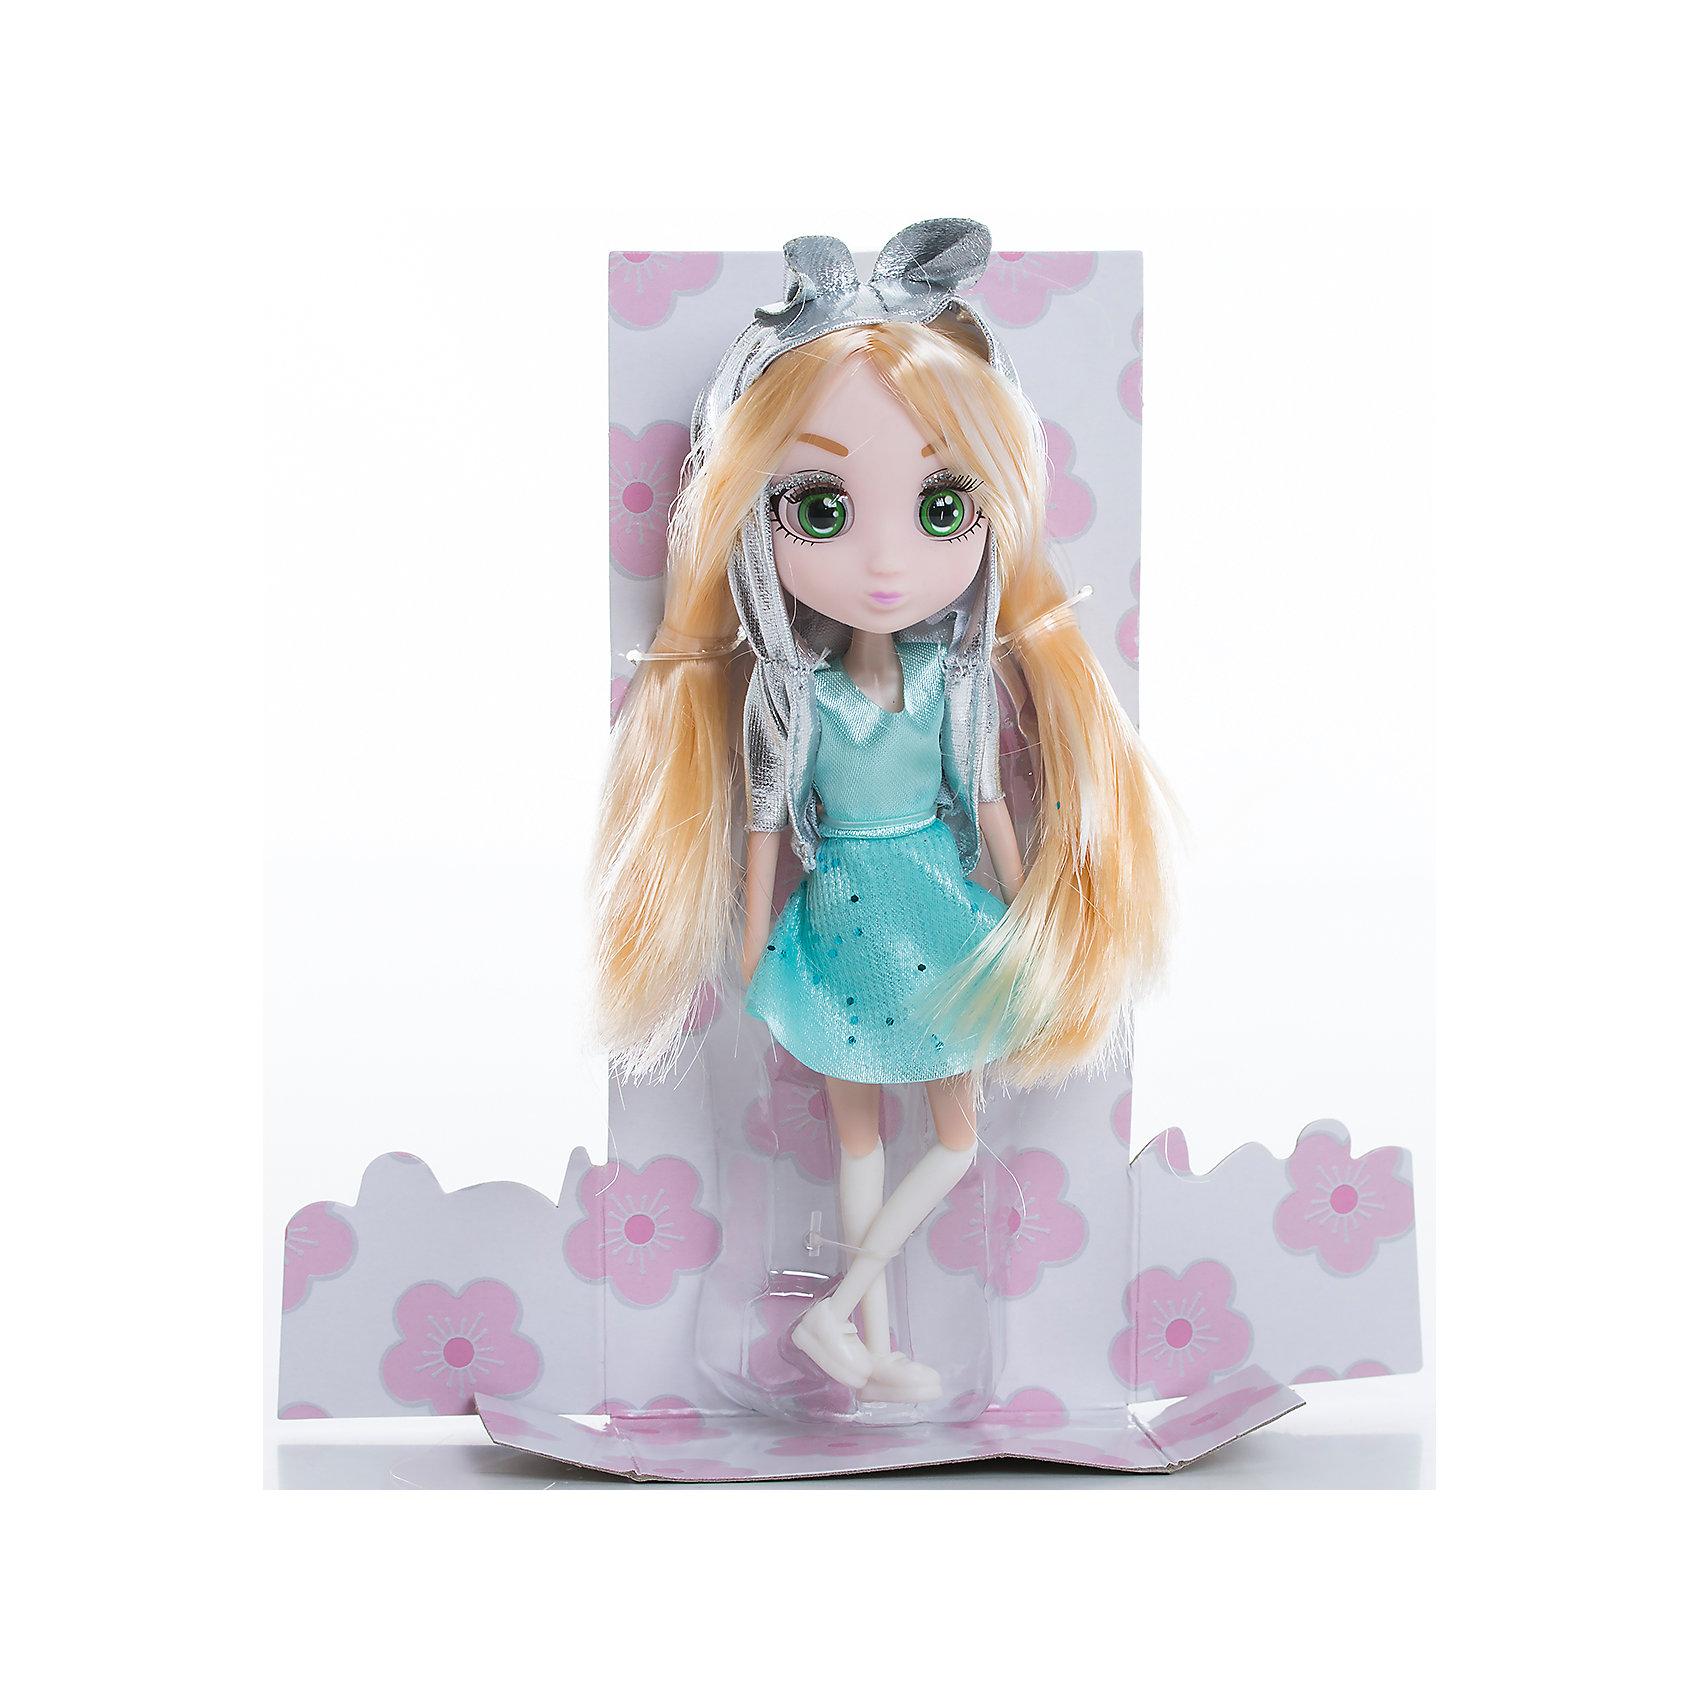 Кукла Кое, 15 см, Шибадзуку ГерлзМини-куклы<br>Характеристики товара:<br><br>• возраст: от 3 лет;<br>• материал: пластик,текстиль;<br>•высота куклы: 15 см;<br>•в комплекте : кукла,аксессуары;<br>• размер упаковки: 5х8х17 см;<br>• вес упаковки: 87 гр.;<br>• страна обладатель бренда: Австралия;<br>• бренд: Hunter Products. <br><br>Кукла Shibajuku Girls Кое — прелестная любительница животных, которая мечтает жить с ними в одной среде и уметь перевоплощаться в самых разных зверюшек. <br><br>У Кое теперь новый, очень стильный образ: бирюзовое платье и серебристая курточка с капюшоном с заячьими ушками. Но это еще не все: у куклы такие красивые длинные светлые волосы!<br><br>У куклы подвижная голова, руки и ноги. Руки без шарниров, а вот ноги сгибаются в бедре, прокручиваются и сгибаются в колене. <br><br>Девочке точно понравится эта замечательная игрушка, только представьте, сколько интересных историй можно придумать и разыграть их самой или с друзьями. А еще будет здорово собрать целую коллекцию кукол Shibajuku Girls, тогда игра станет еще более увлекательной! <br><br>Куклу Кое , 15 см  можно приобрести в нашем интернет-магазине.<br><br>Ширина мм: 80<br>Глубина мм: 50<br>Высота мм: 170<br>Вес г: 87<br>Возраст от месяцев: 36<br>Возраст до месяцев: 2147483647<br>Пол: Женский<br>Возраст: Детский<br>SKU: 6916230